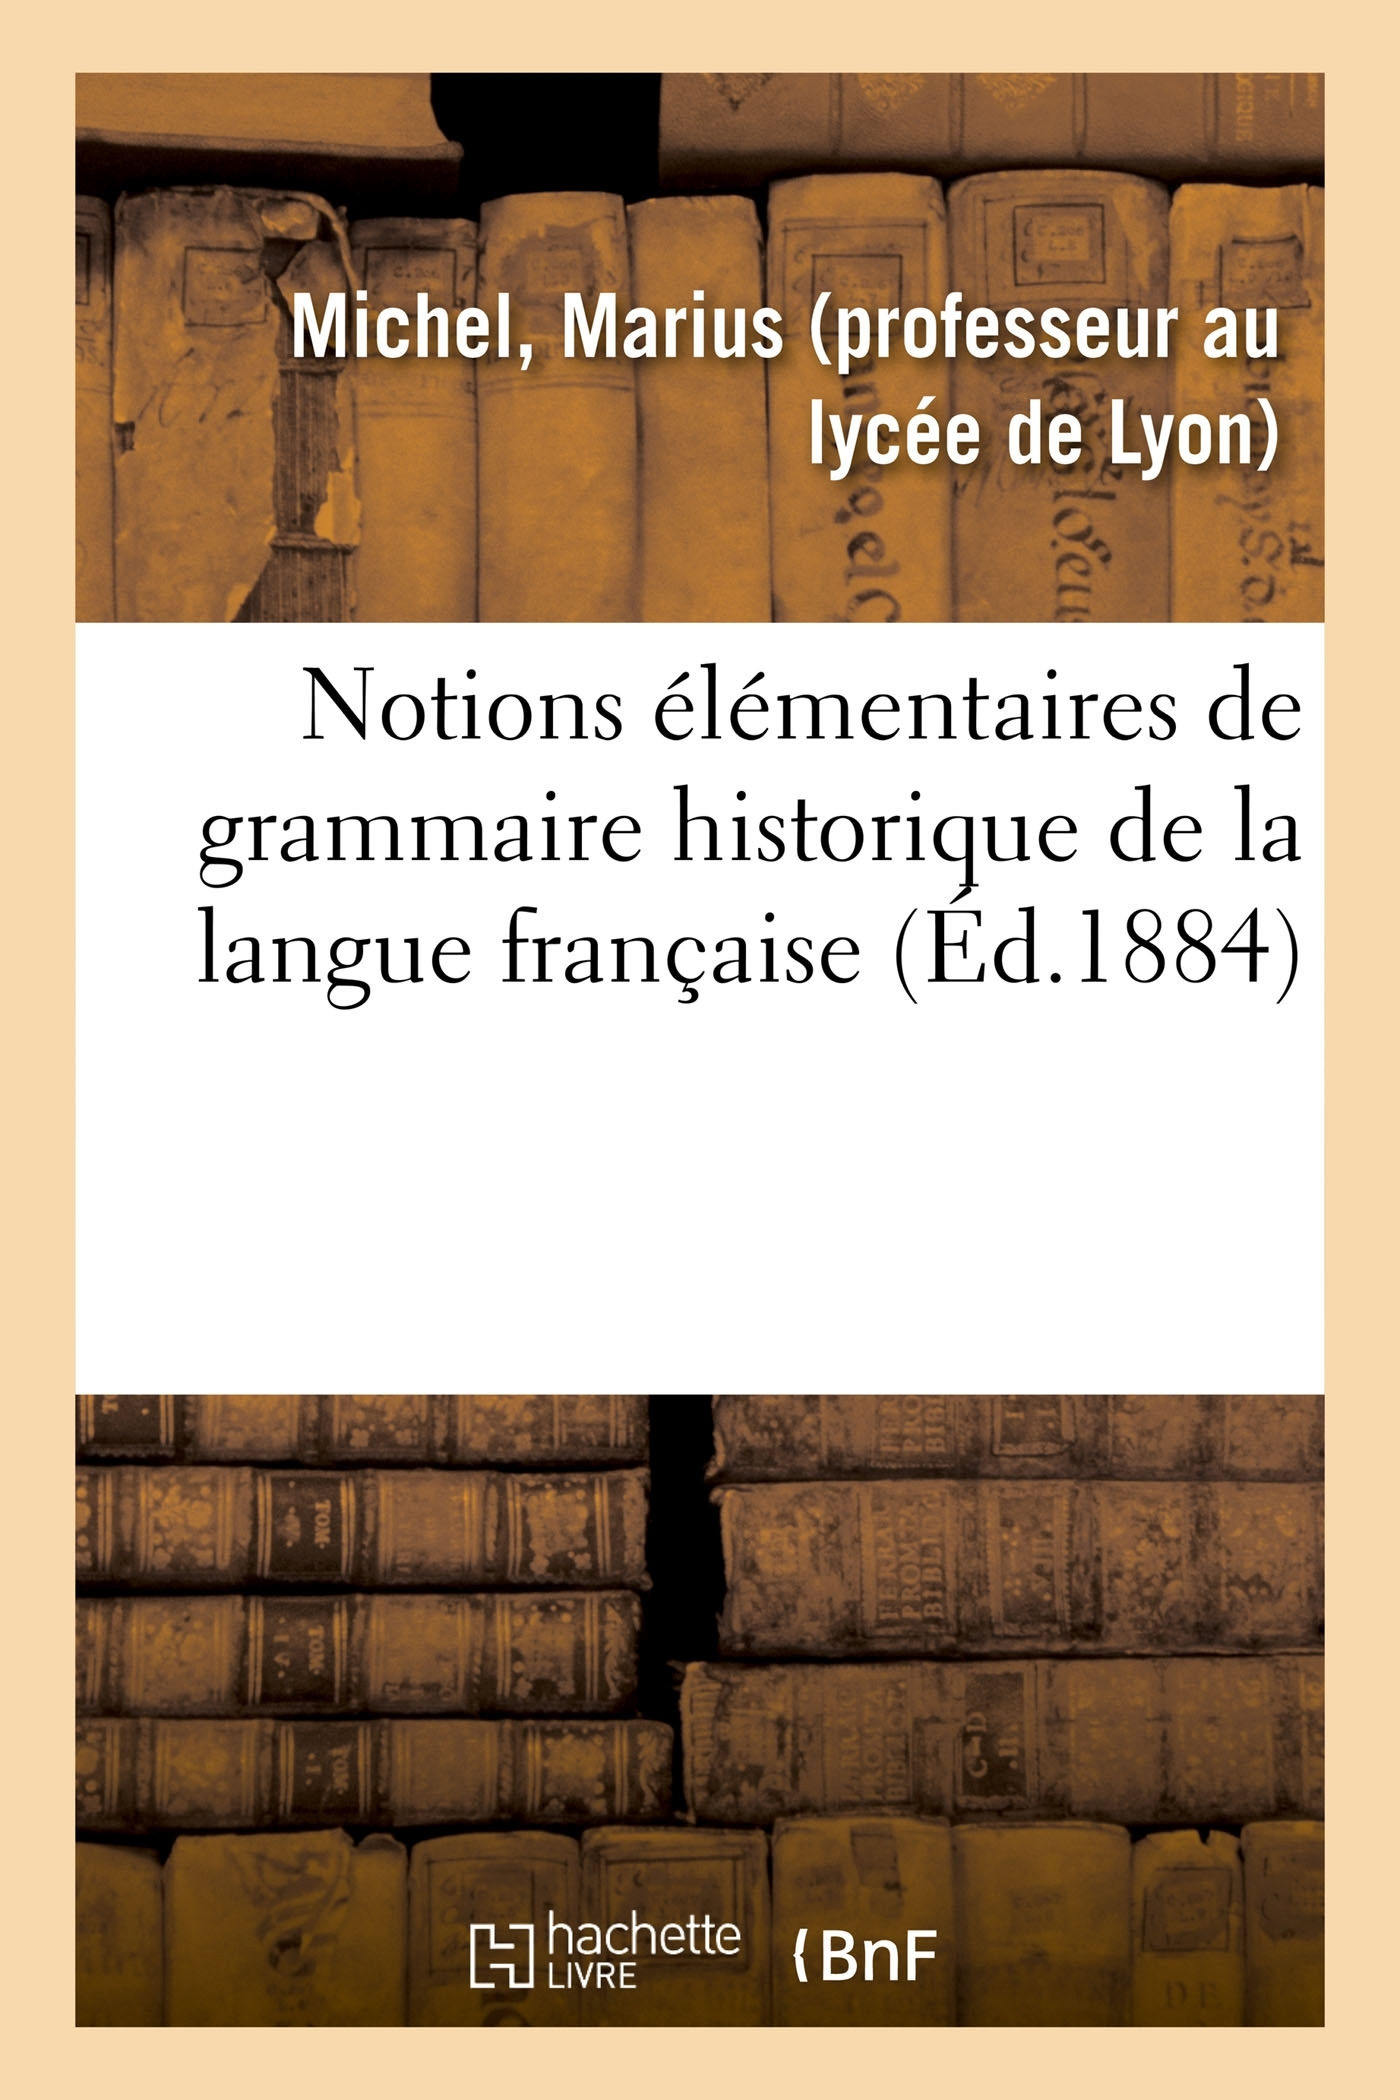 NOTIONS ELEMENTAIRES DE GRAMMAIRE HISTORIQUE DE LA LANGUE FRANCAISE A L'USAGE DES ETABLISSEMENTS